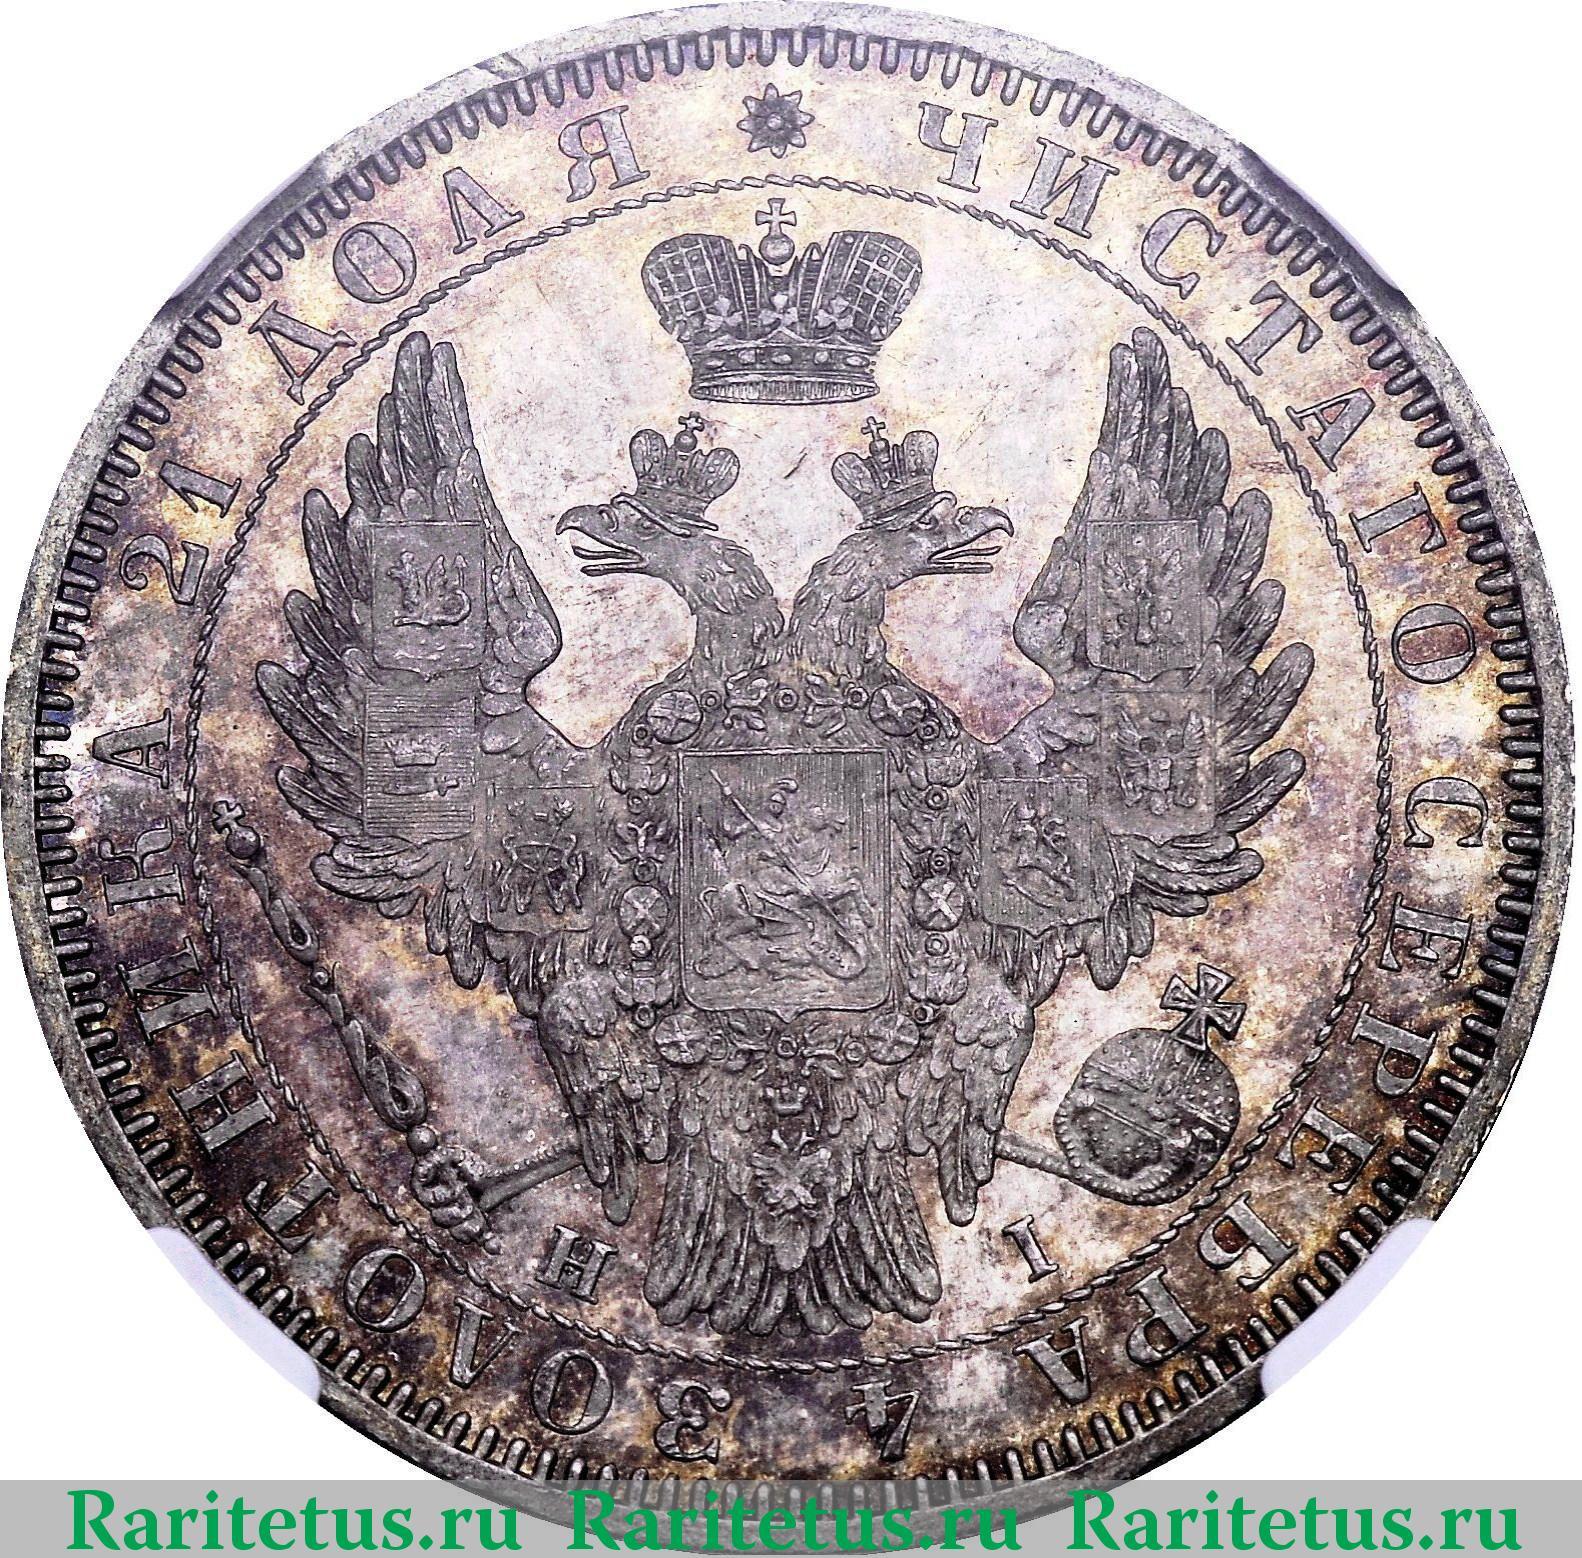 Монета рубль 1853 года цена колхозы и совхозы крыма